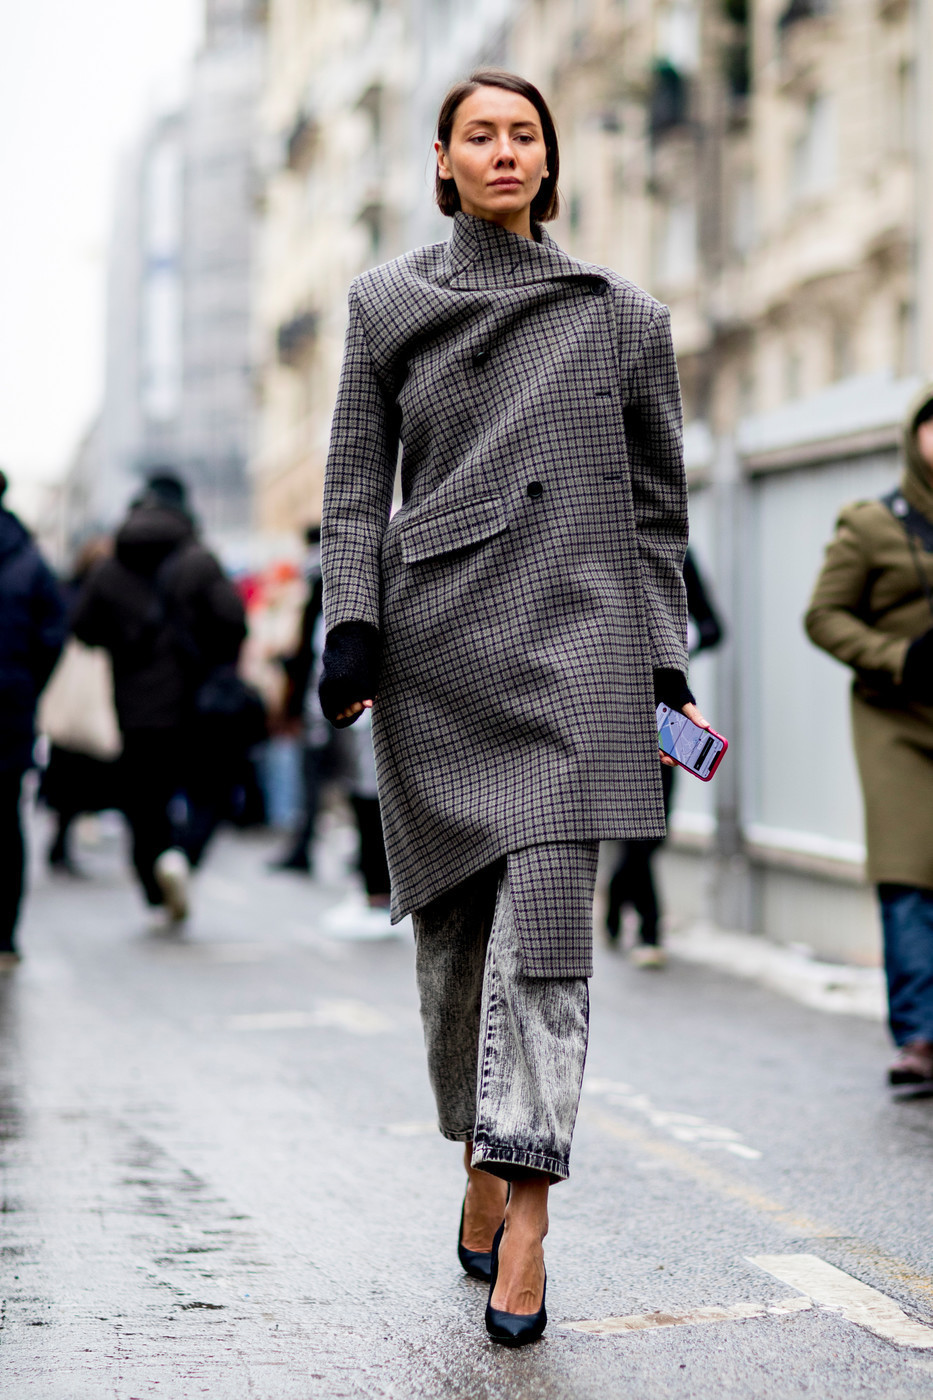 2018秋冬巴黎时装周秀场外街拍:灵感无限多